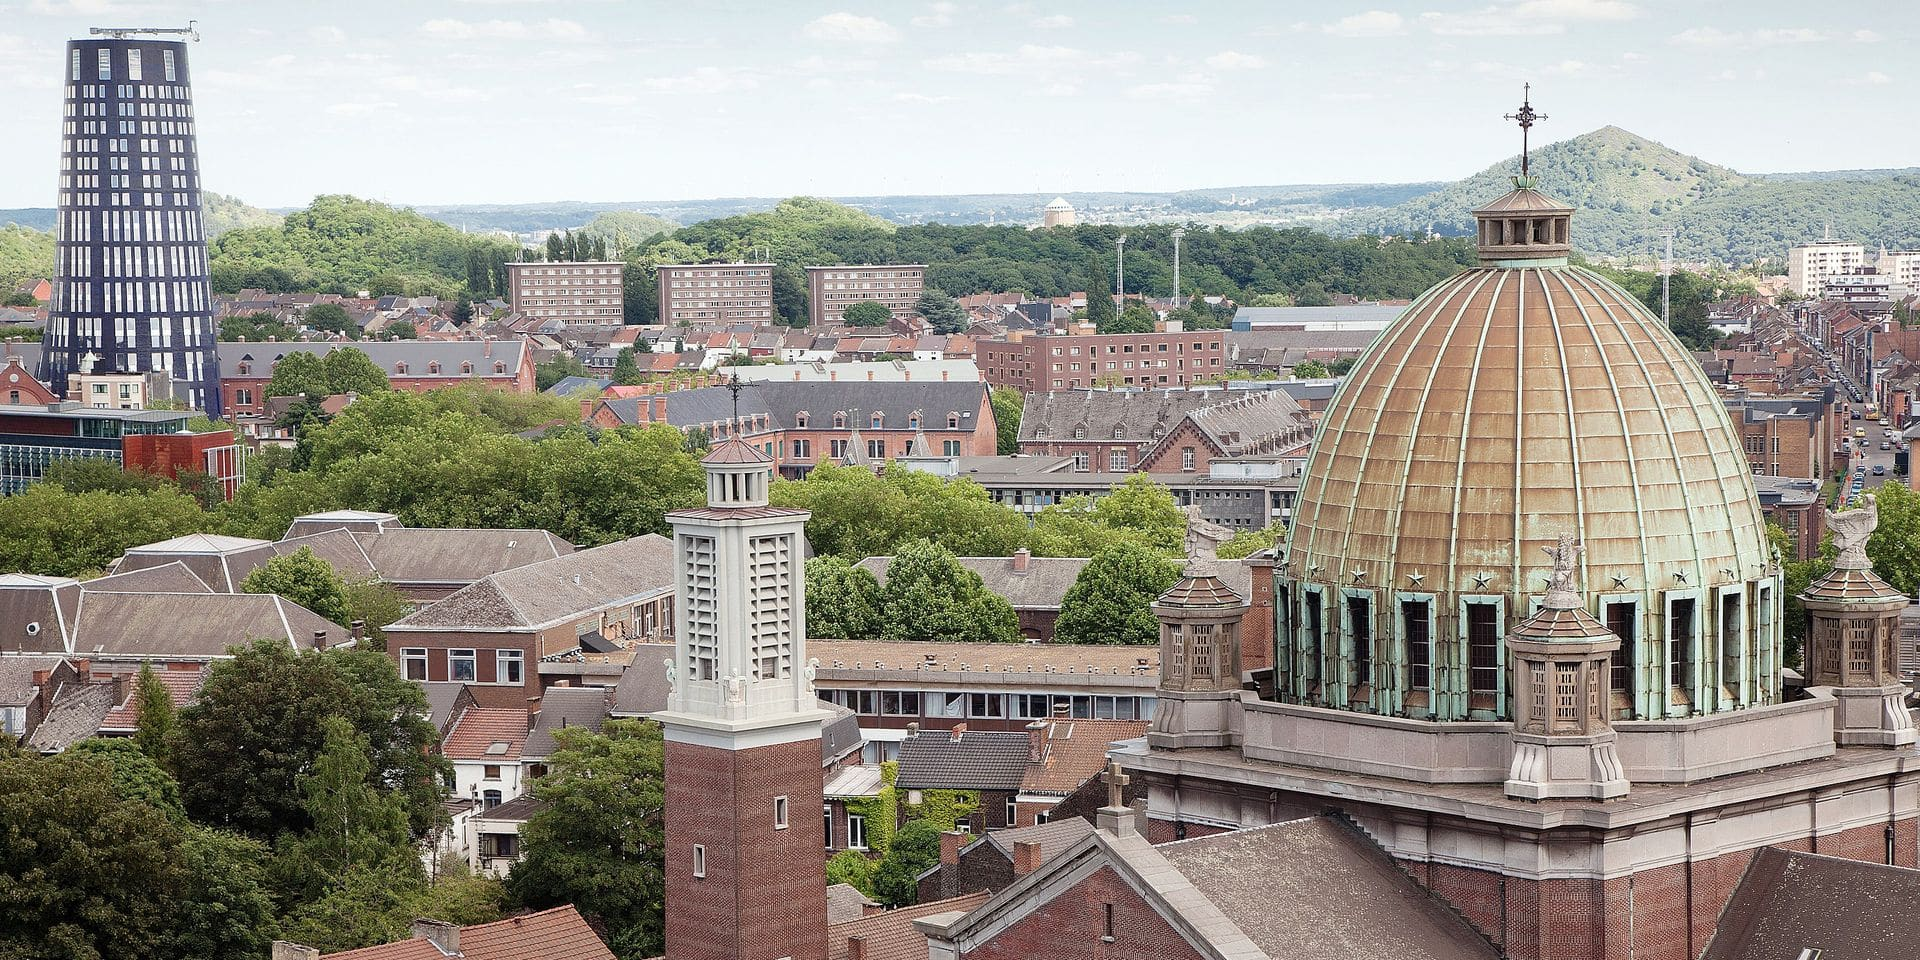 Vue sur lae dôme de la basilique Saint-Christophe et la tour de police de Charleroi 12/08/2015 PICTURE NOT INCLUDED IN THE CONTRACT